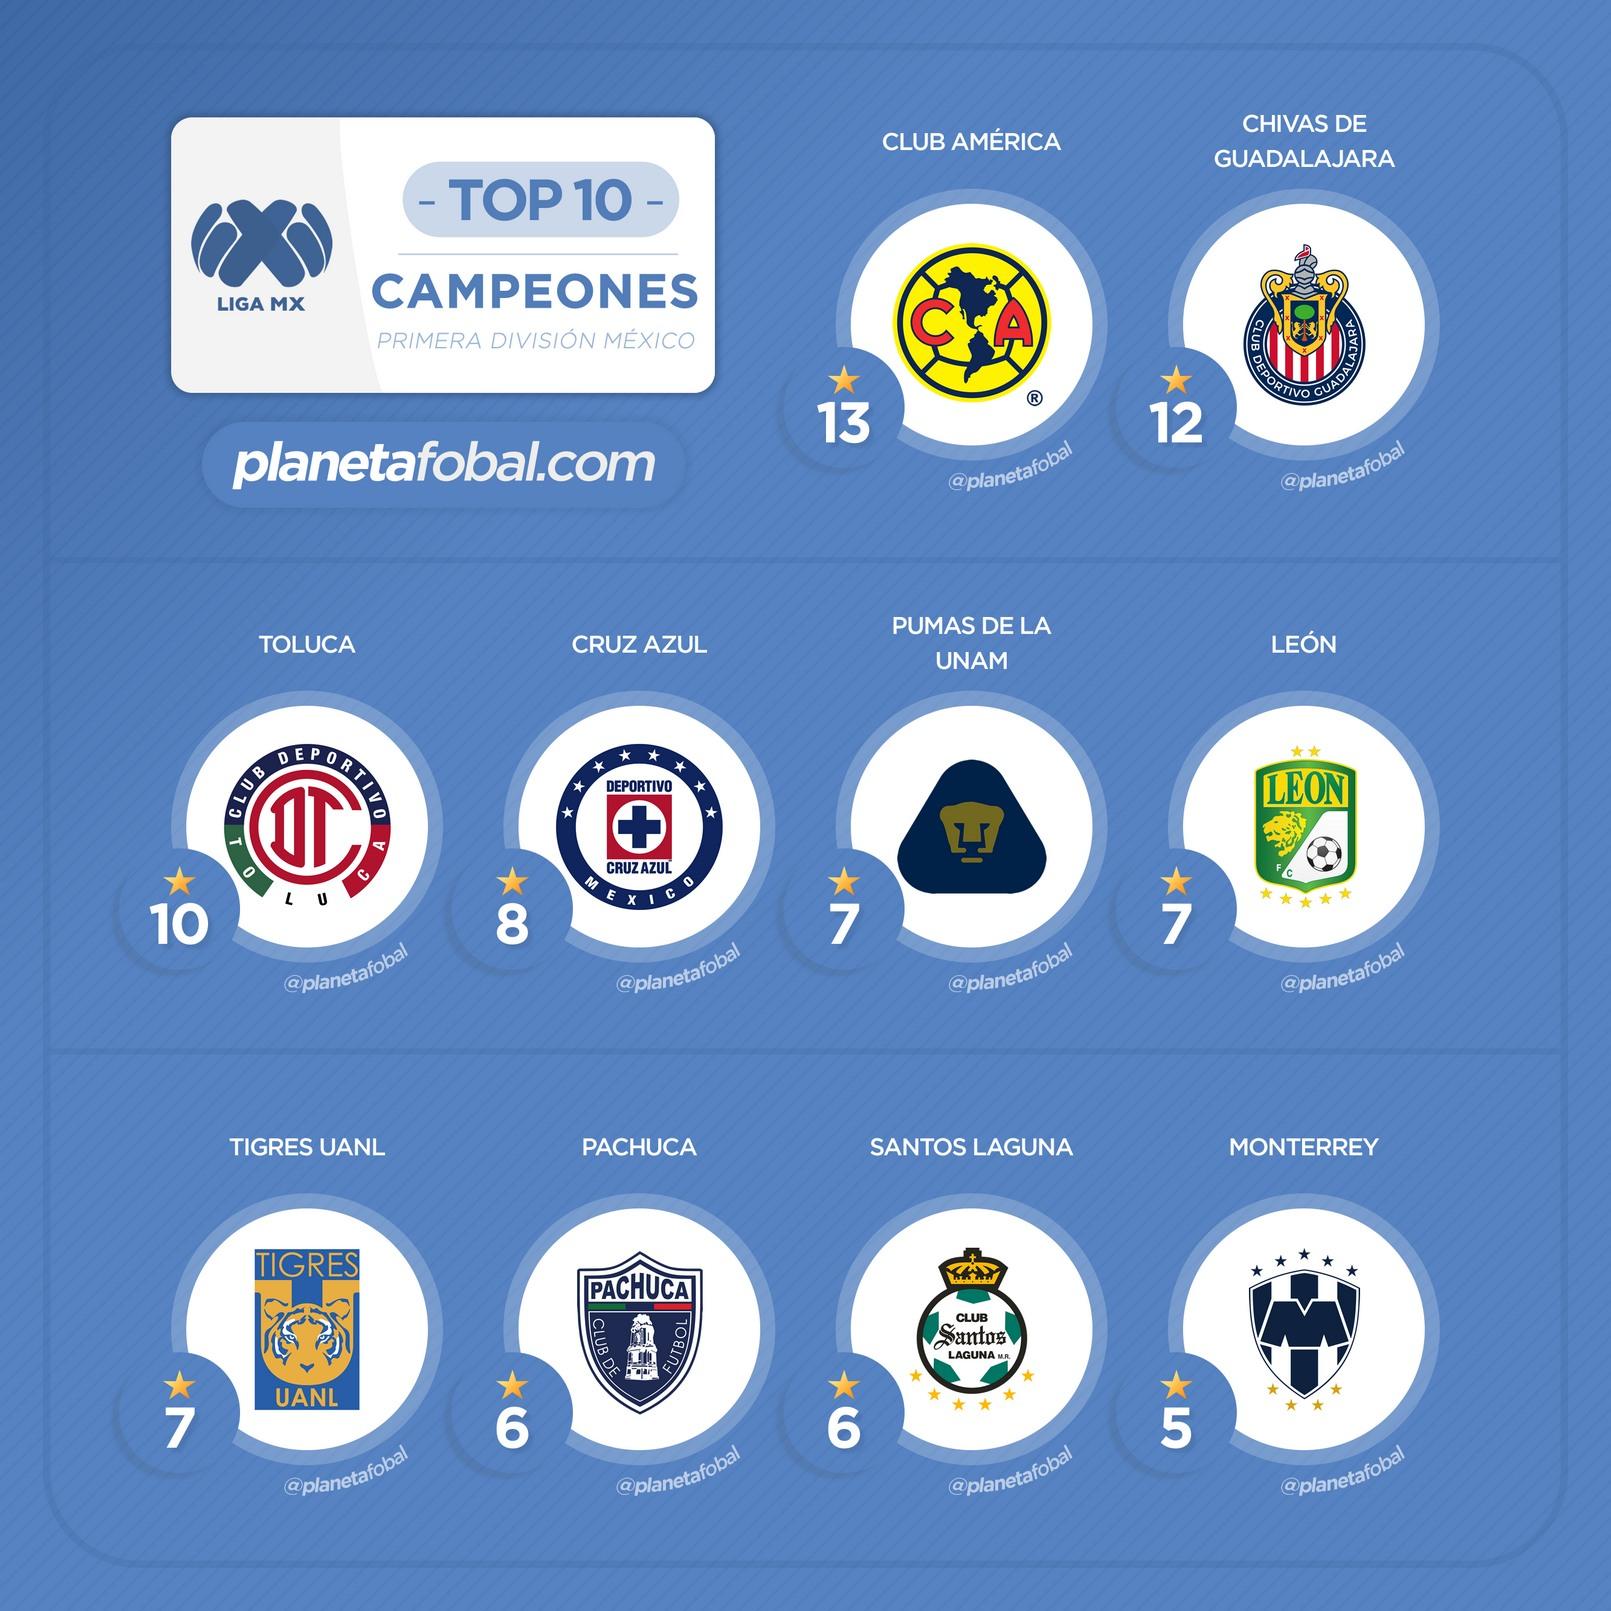 Clubes más ganadores de la Liga MX (México) en la era profesional